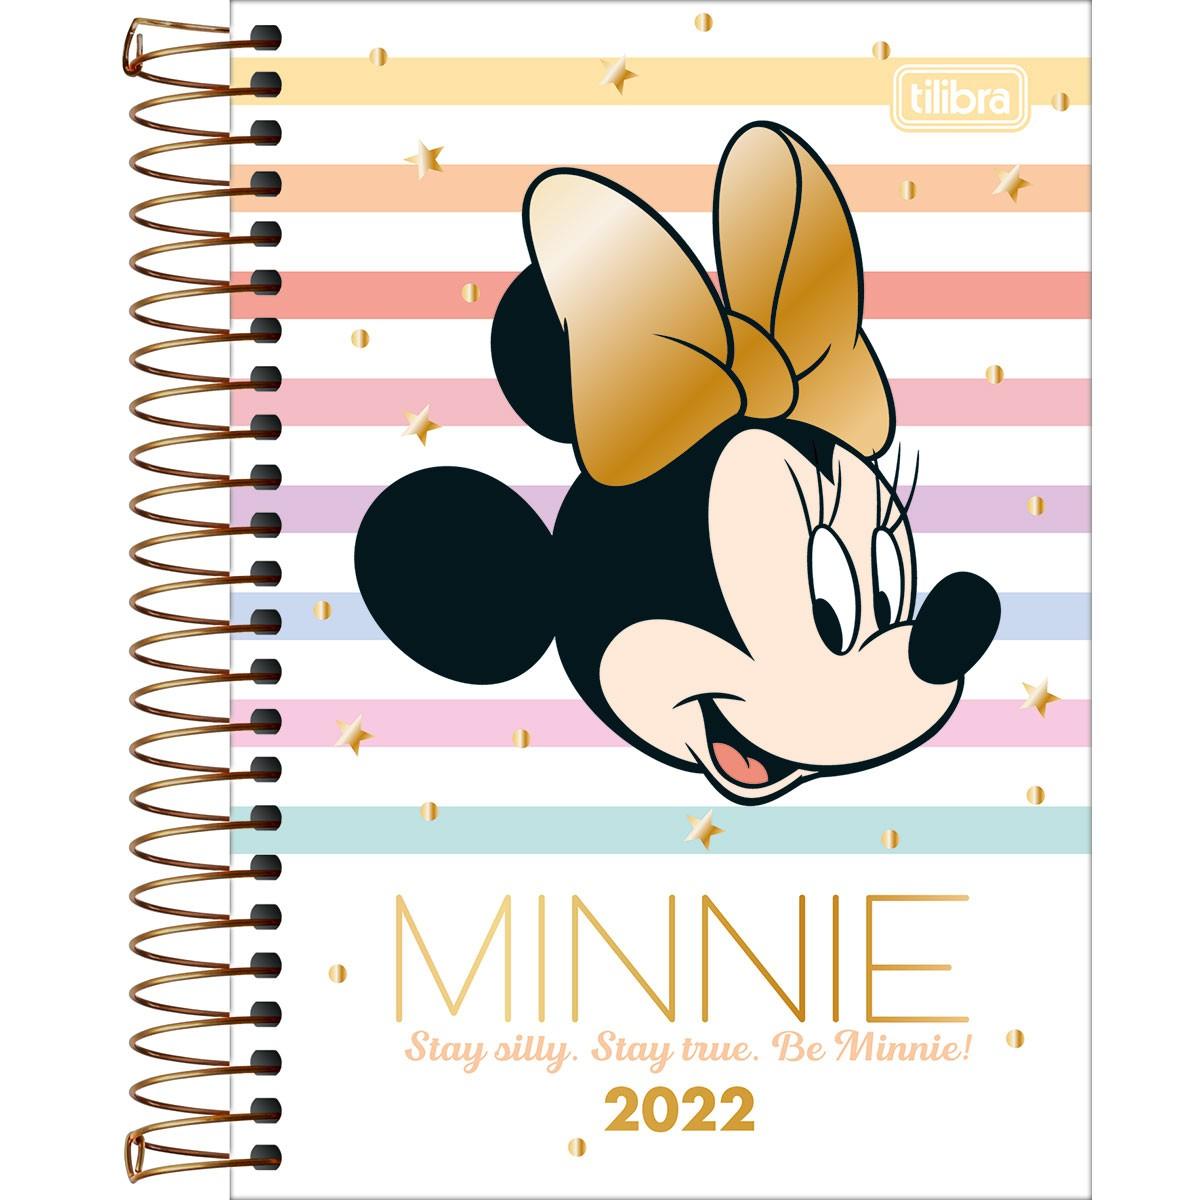 Agenda Espiral Minnie 2022